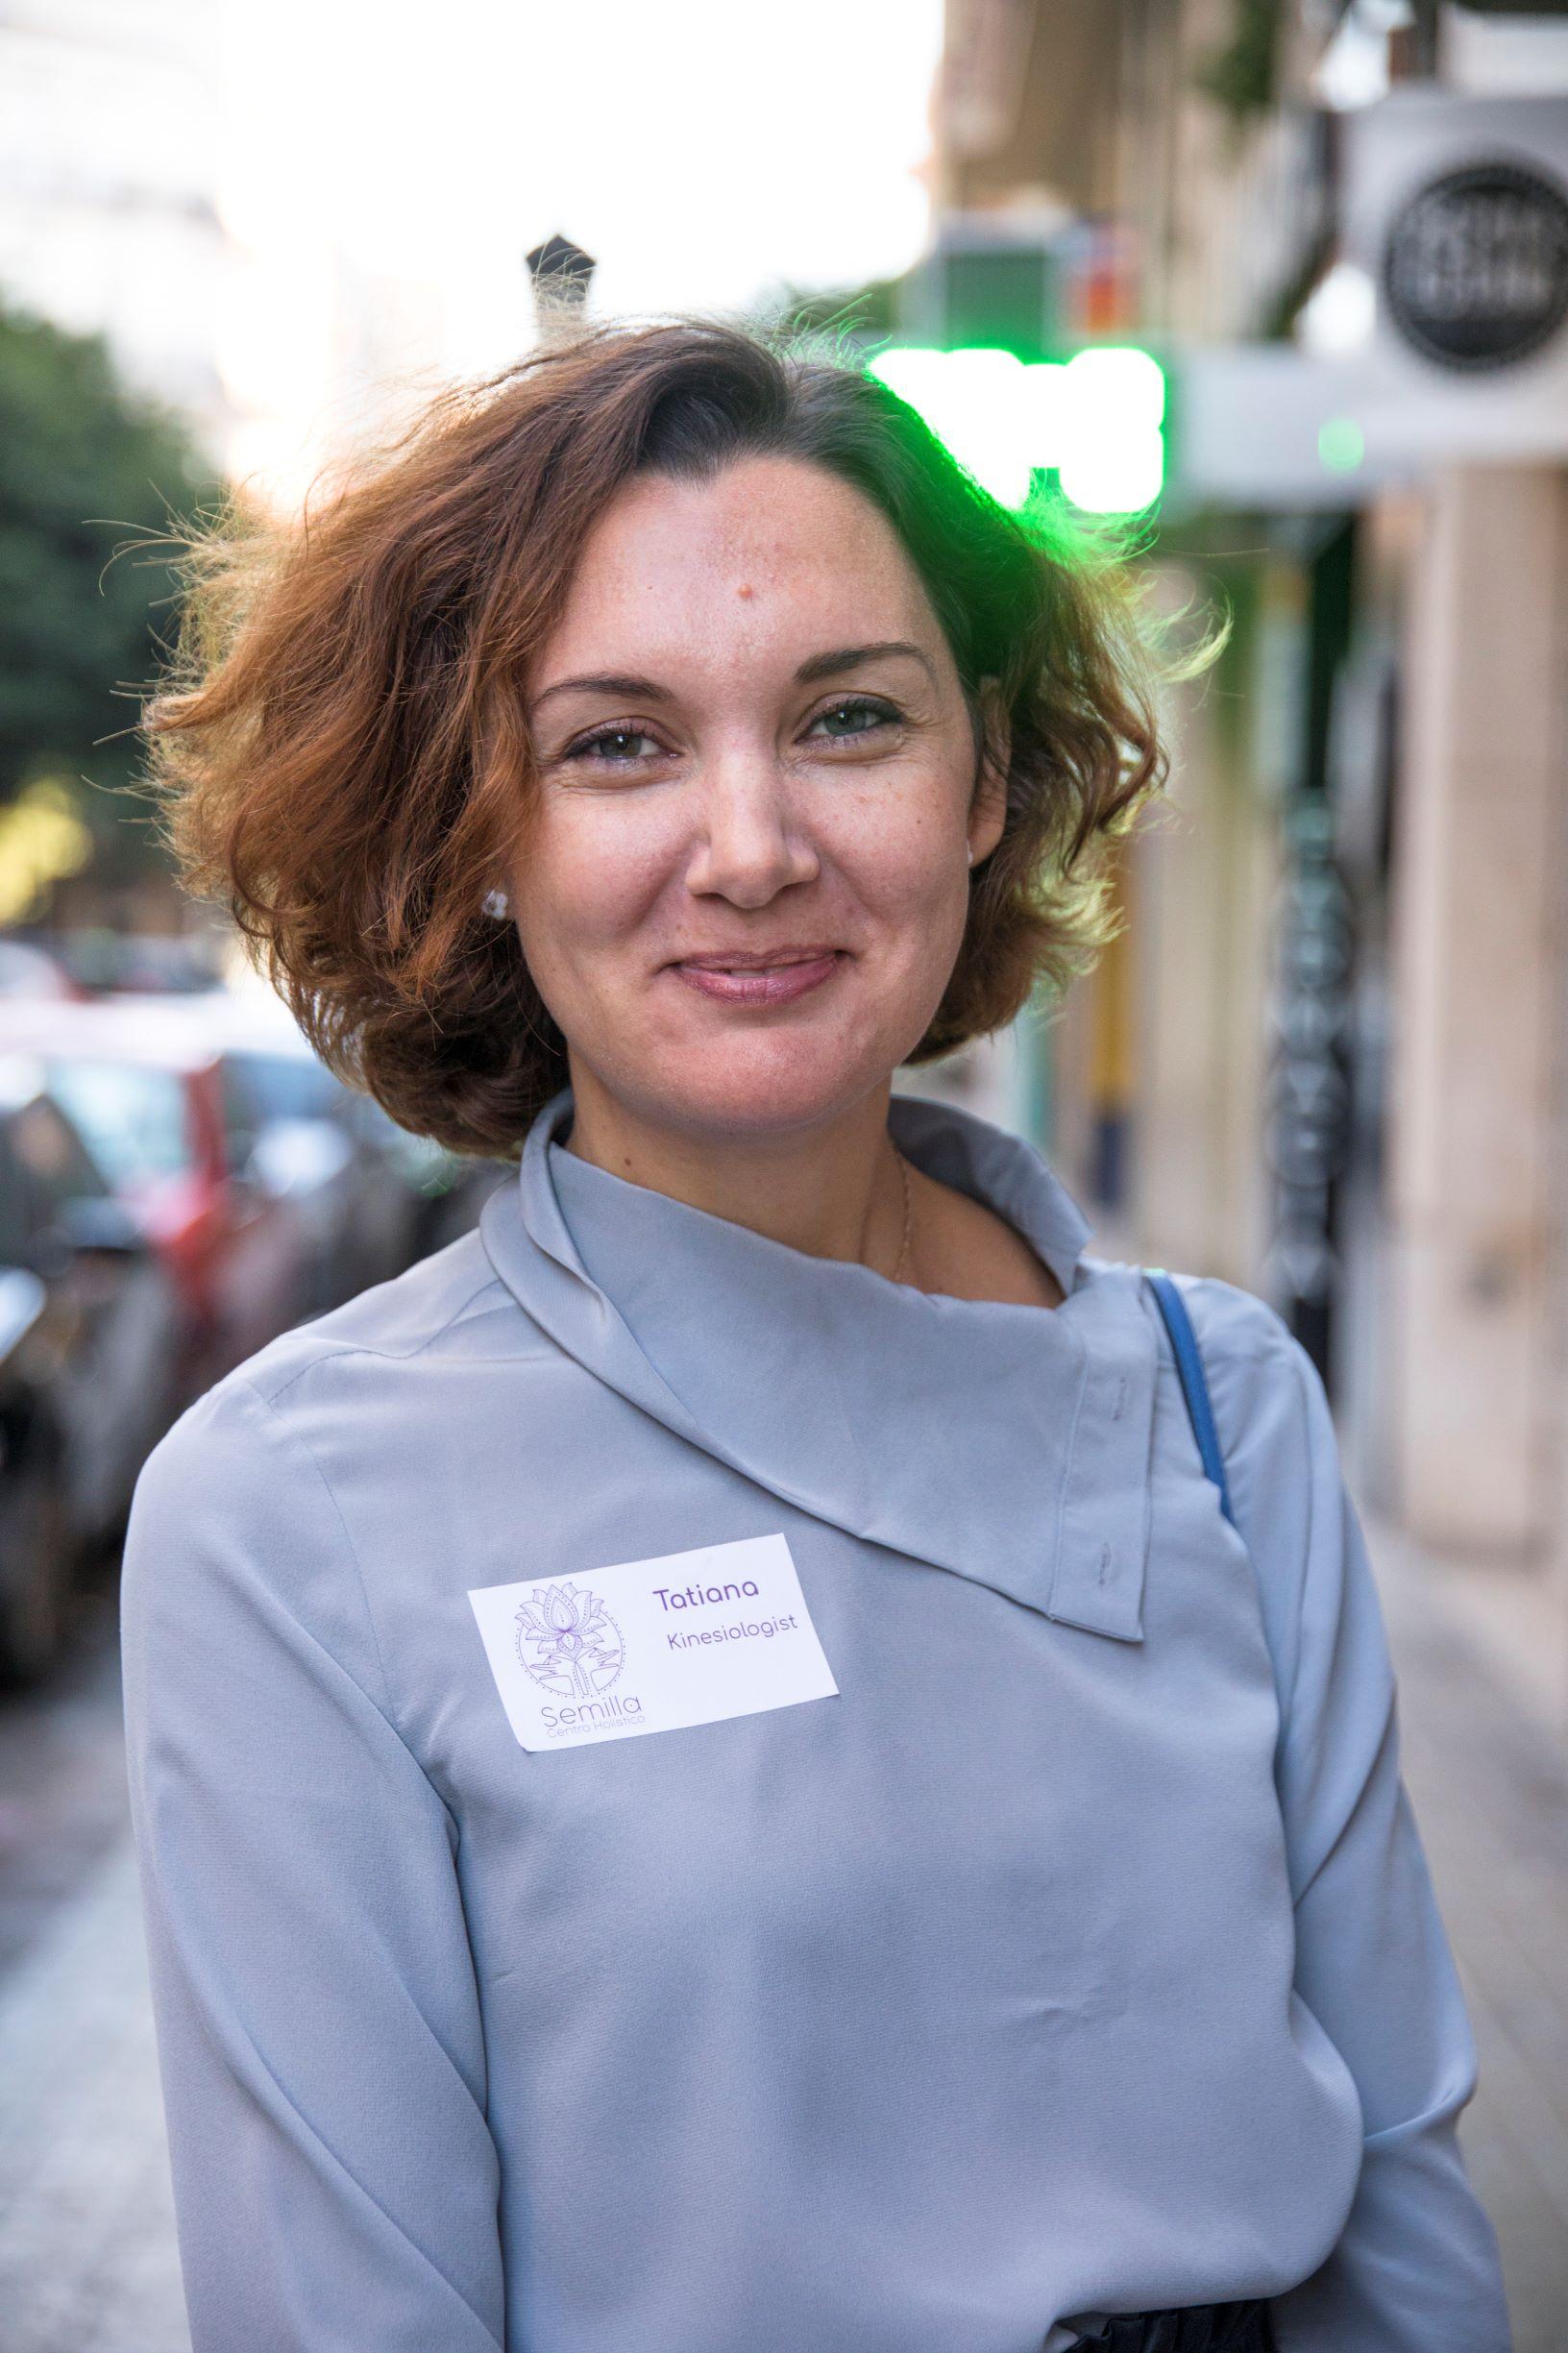 Elad Itzkin Yoga Photography - Centro Semilla Valencia - Tatiana Kinesiology